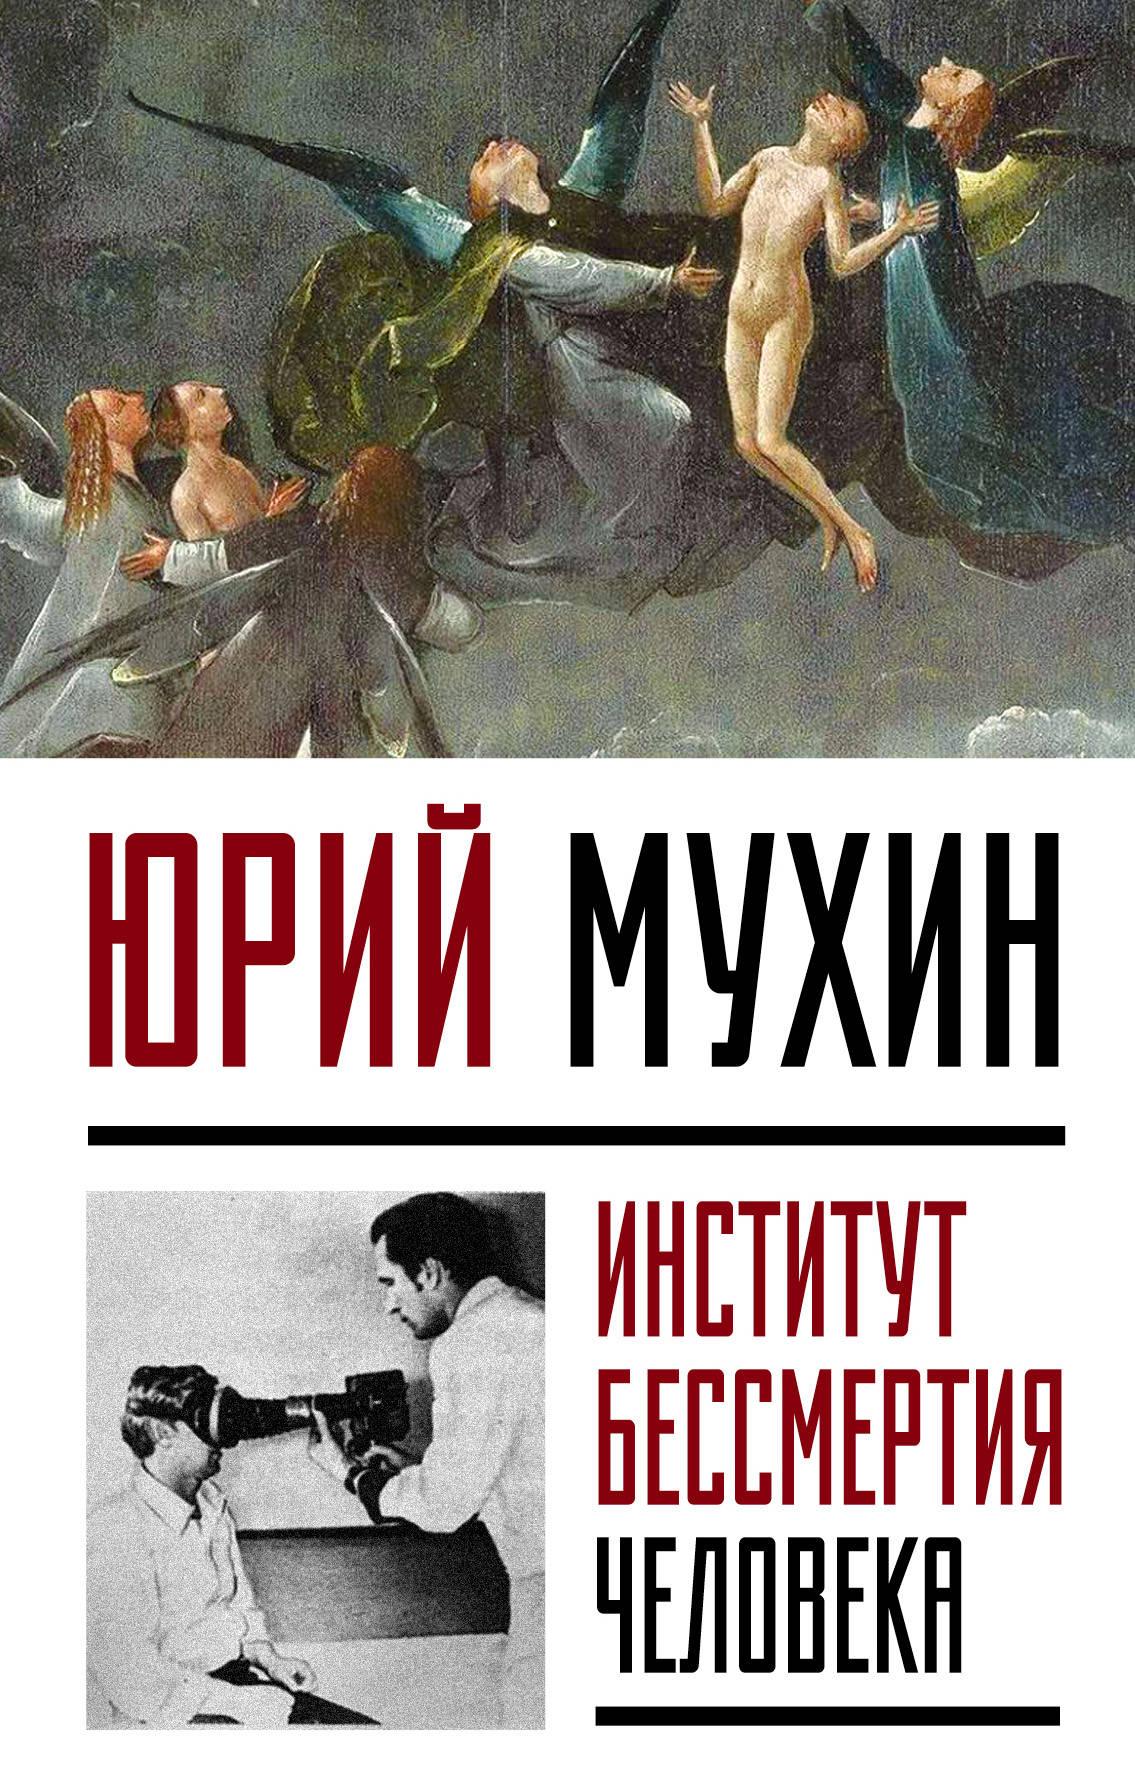 Купить Институт Бессмертия Человека, Мухин Юрий Игнатьевич